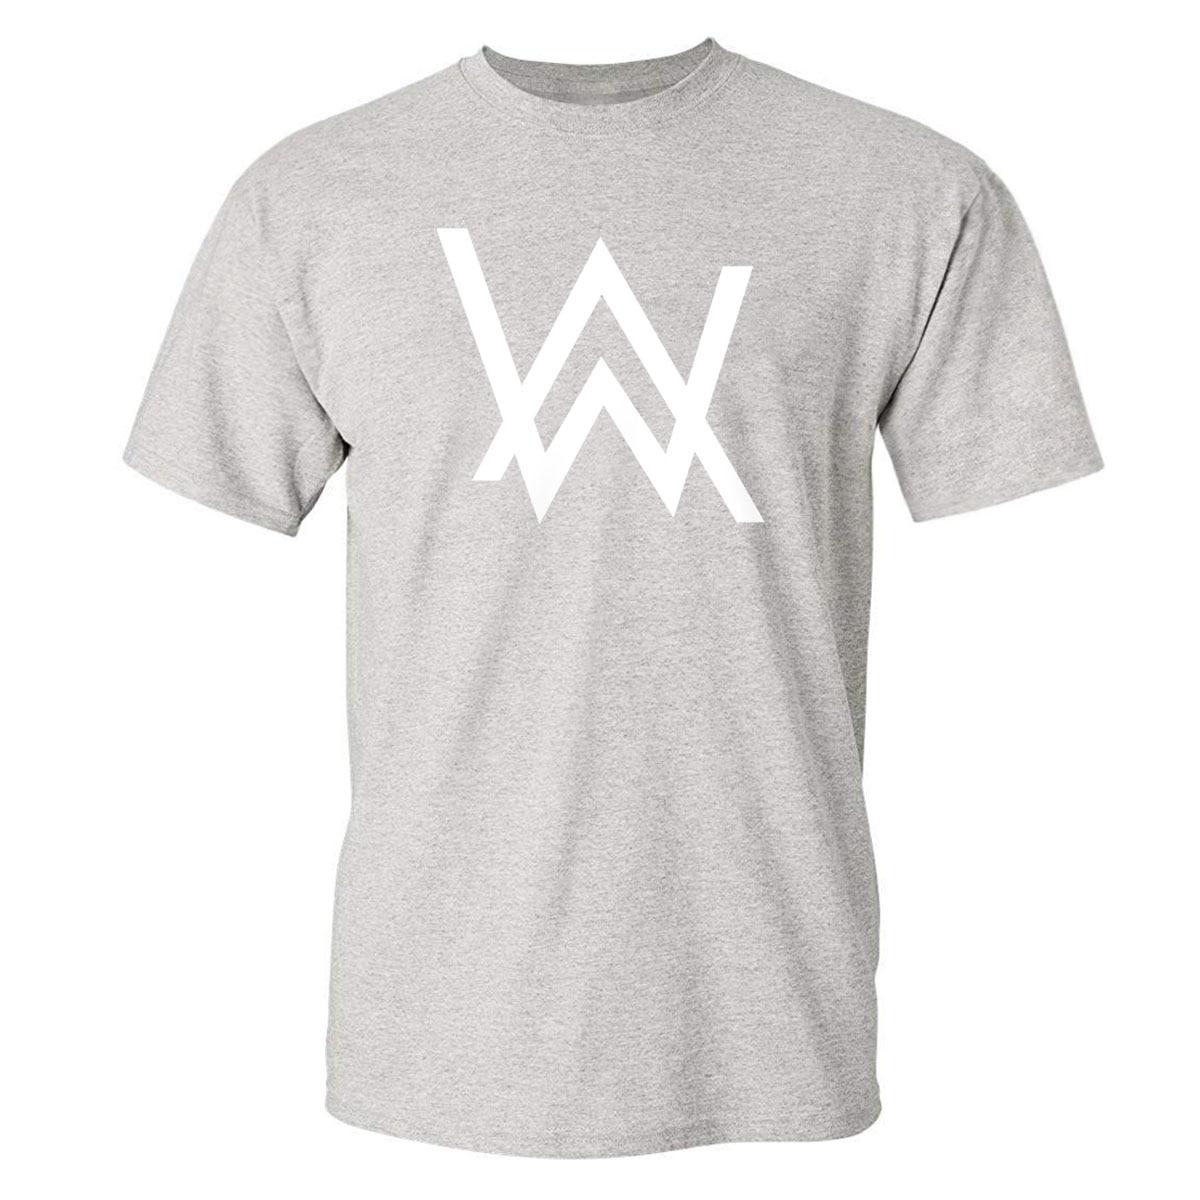 Tops Tee Man Summer Pure Cotton Printed Allen Walker Hip Hop Streetwear Hip Hop Summer Men's T-shirts New Arrival Tees Shirts